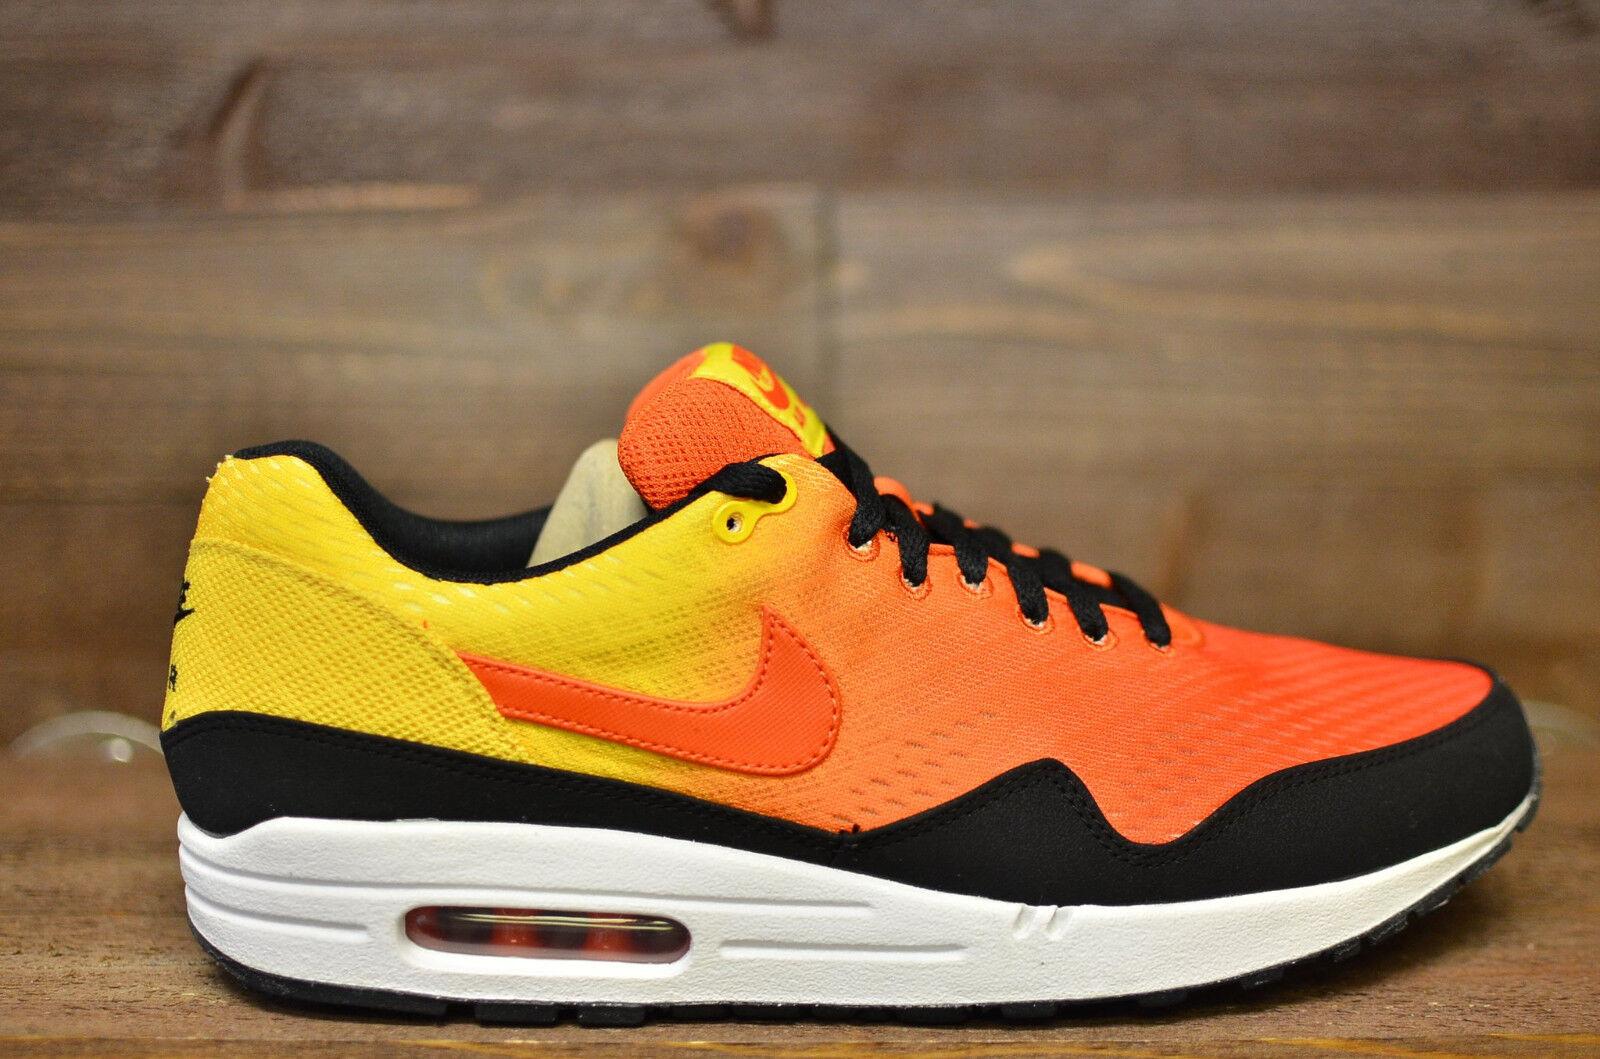 Nike Nike Nike Air Max 1 EM Sunset Pack 90 554718-880 US 10,5 EU 44,5 UK 9,5 Neu RAR 180    4dbd15